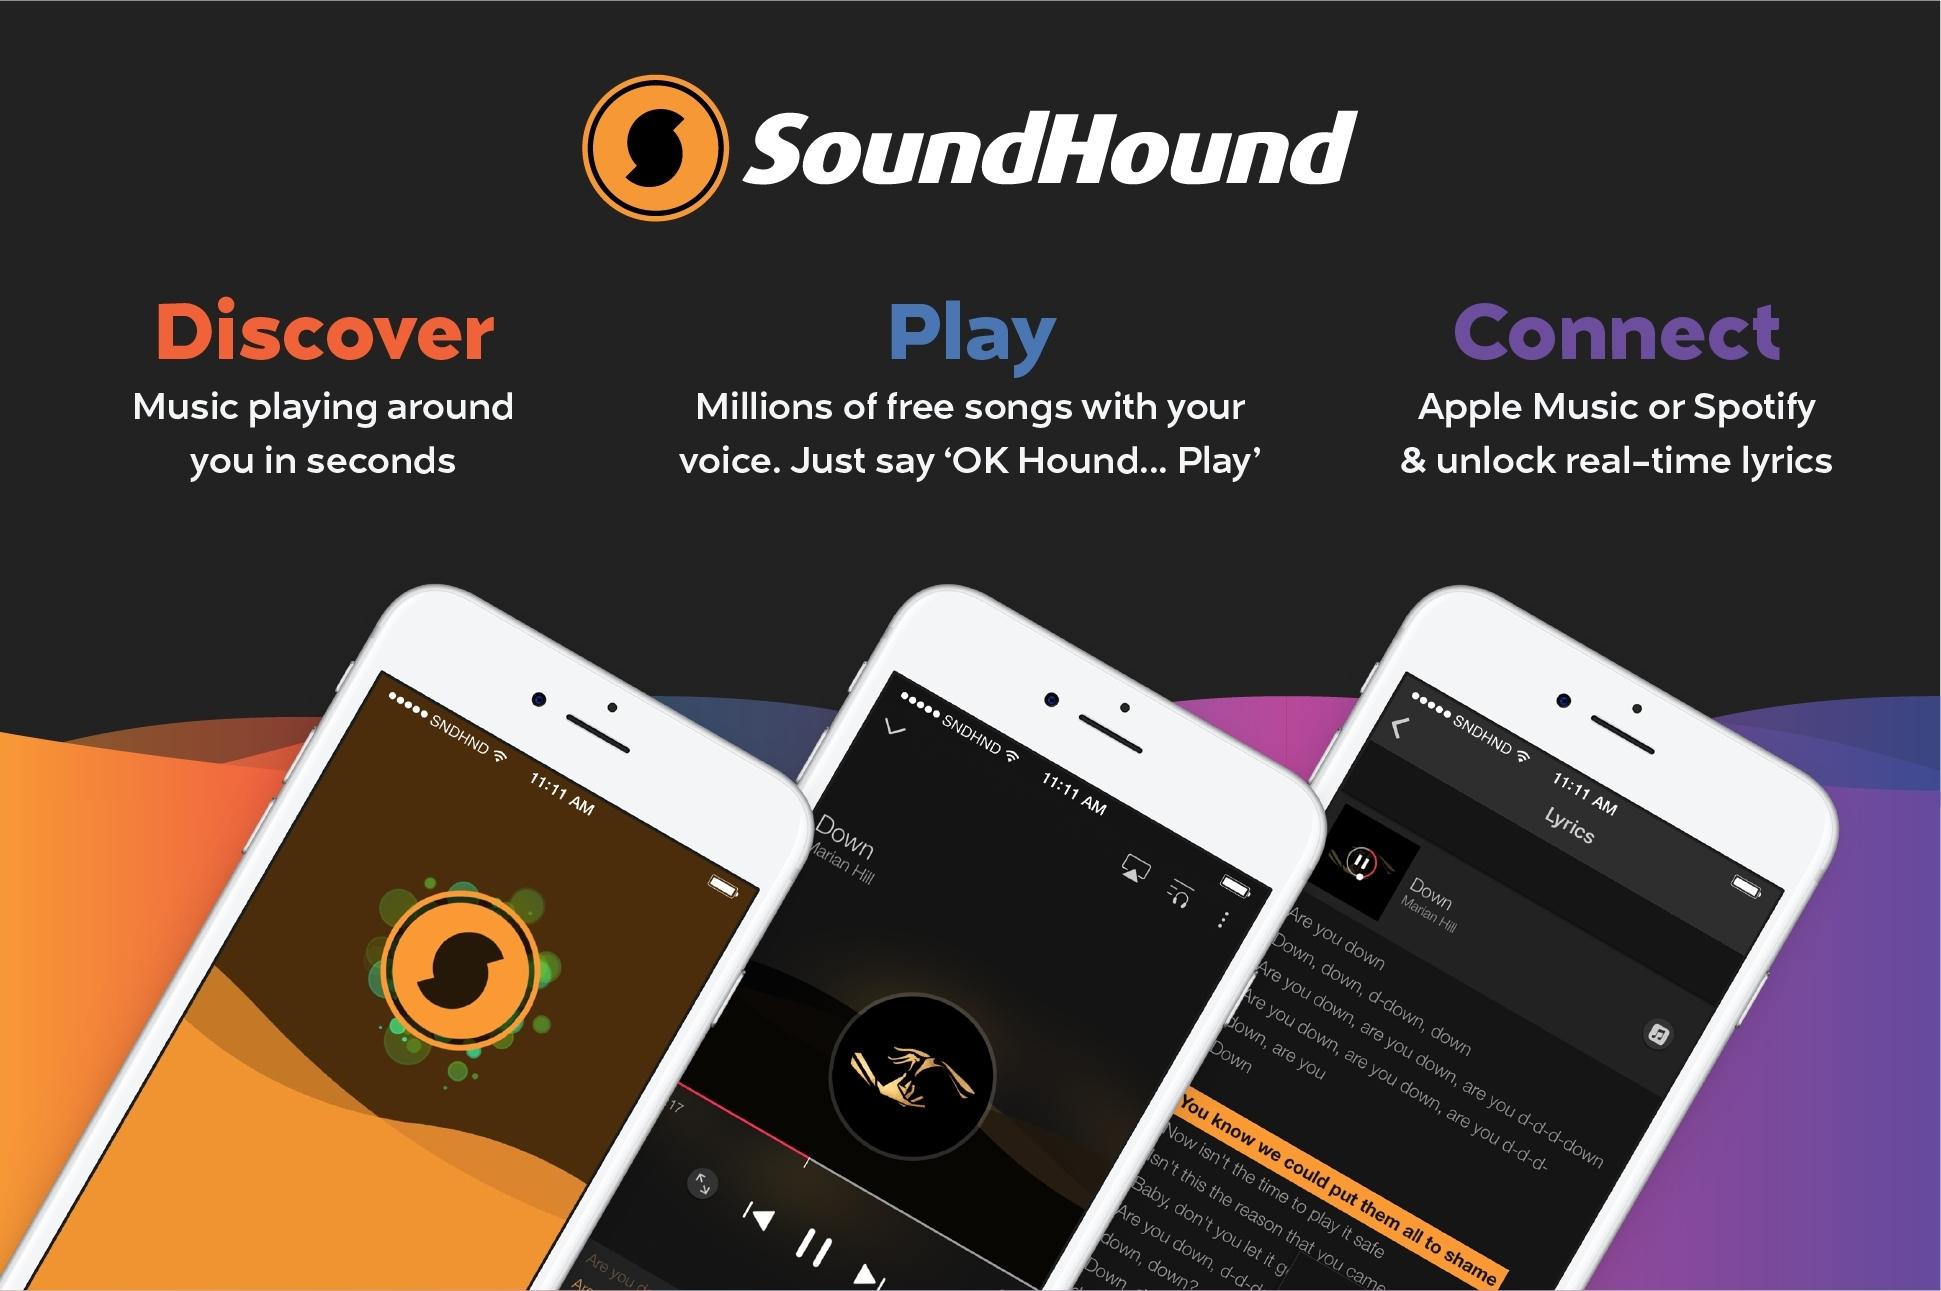 برنامه Sound Hound | پیدا کردن اهنگ بدون اسم خواننده